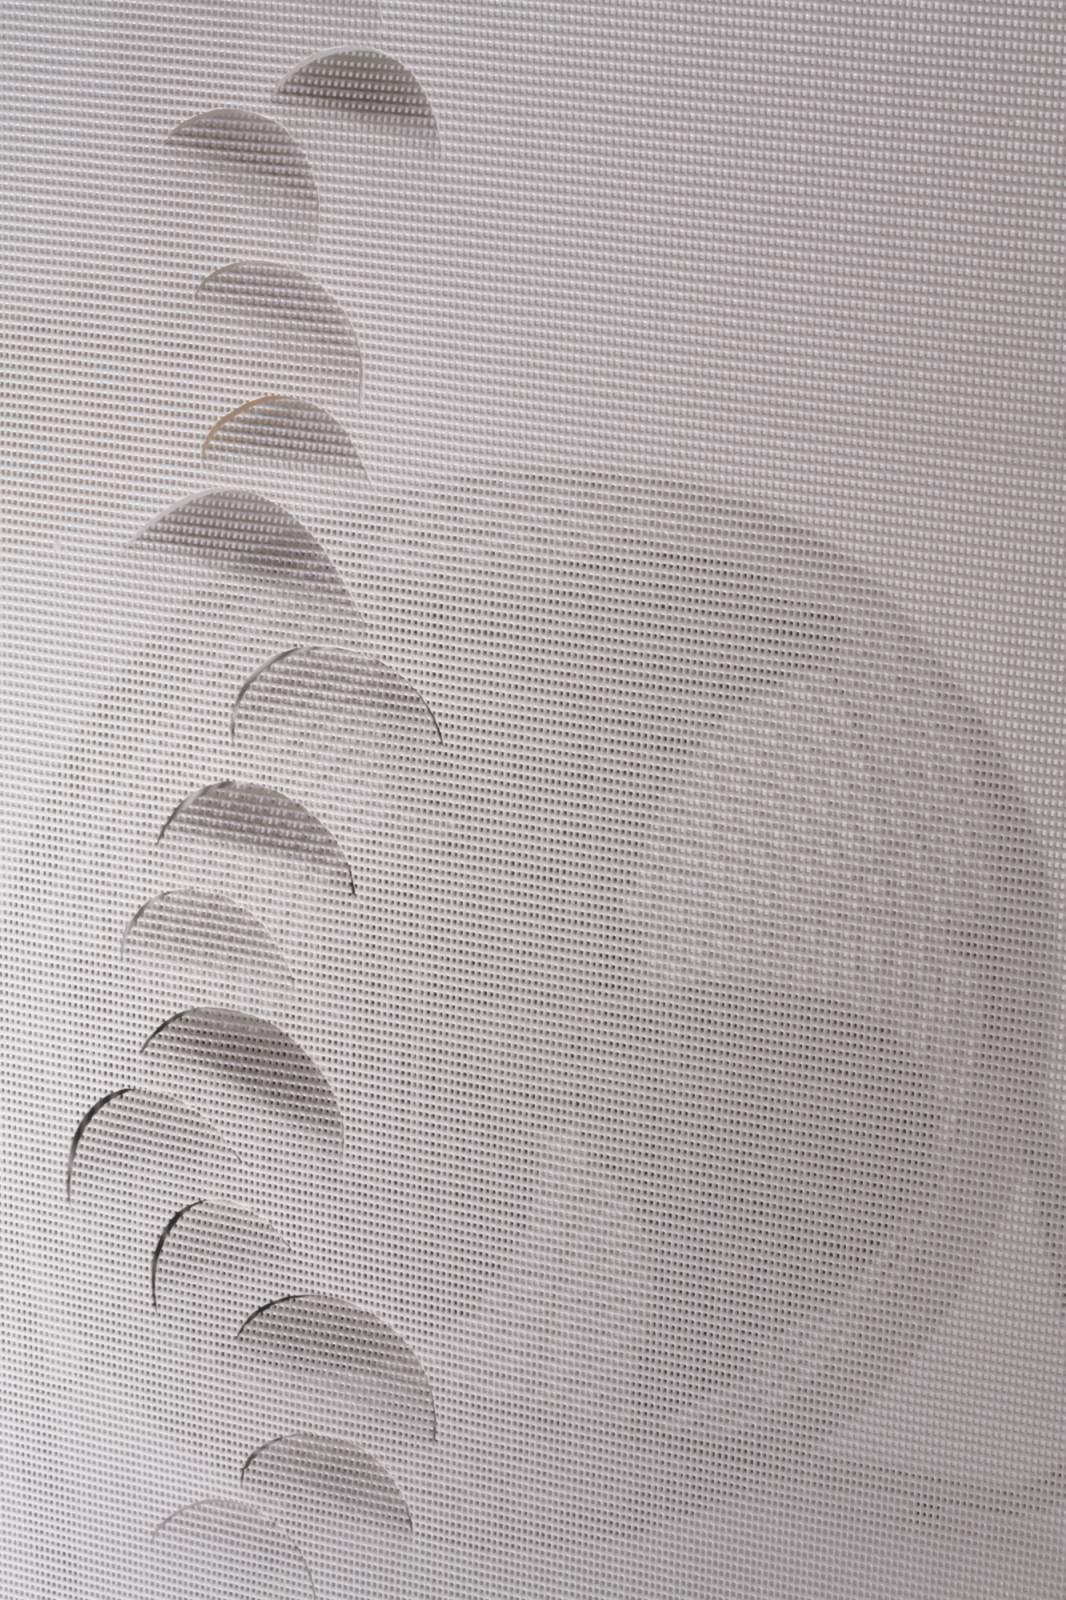 """Panneaux japonais écran solaire """"Petites lunes"""" - exemple de réalisation 5"""